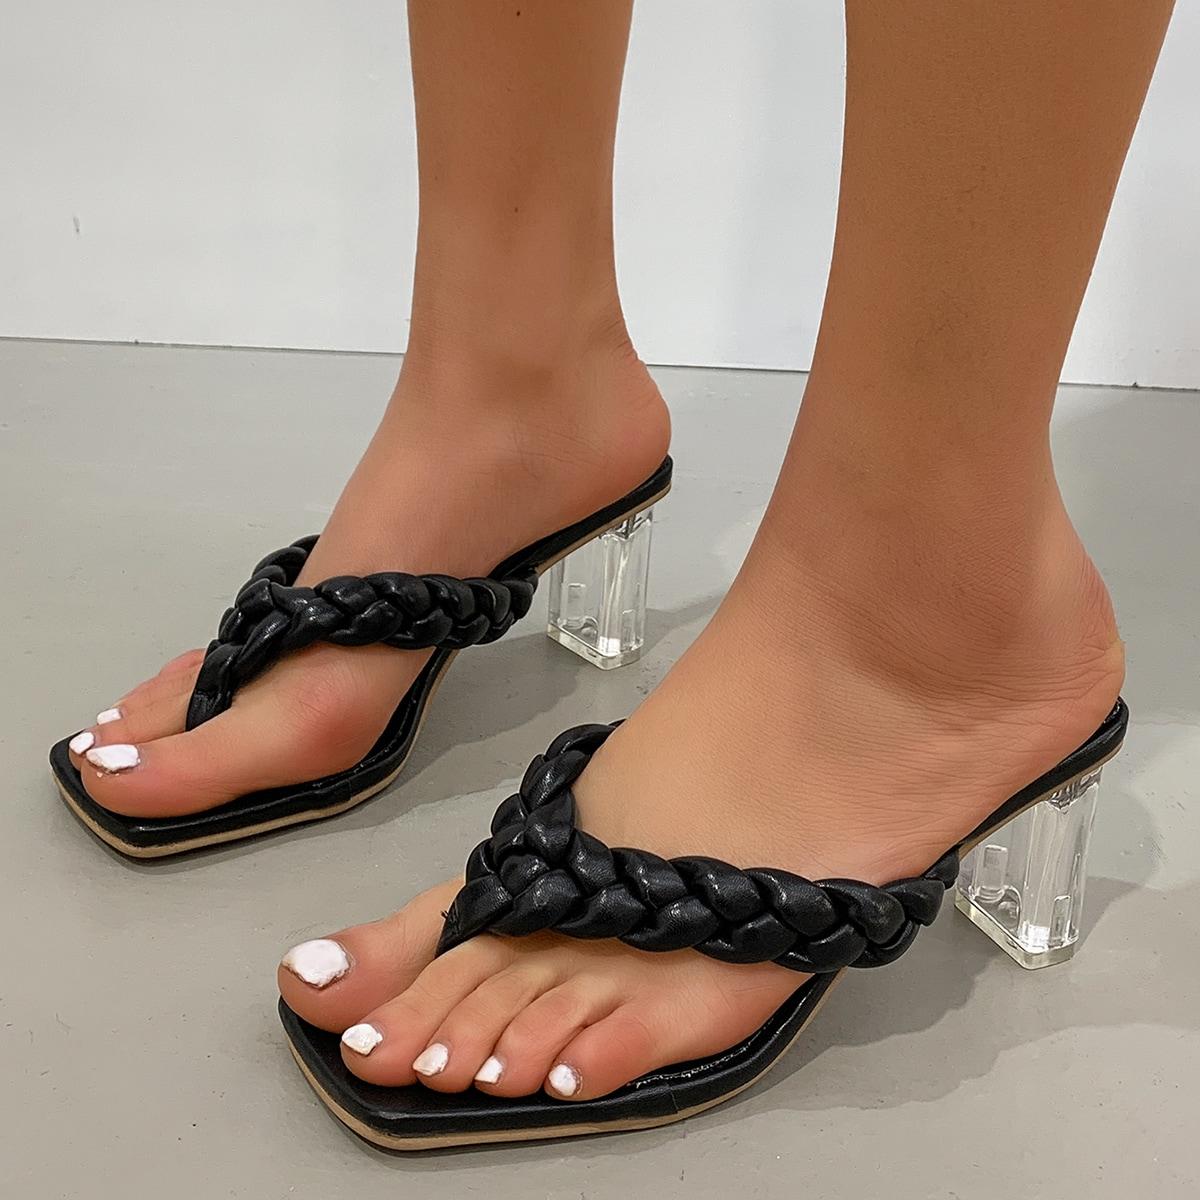 Плетеные сандалии на прозрачном каблуке